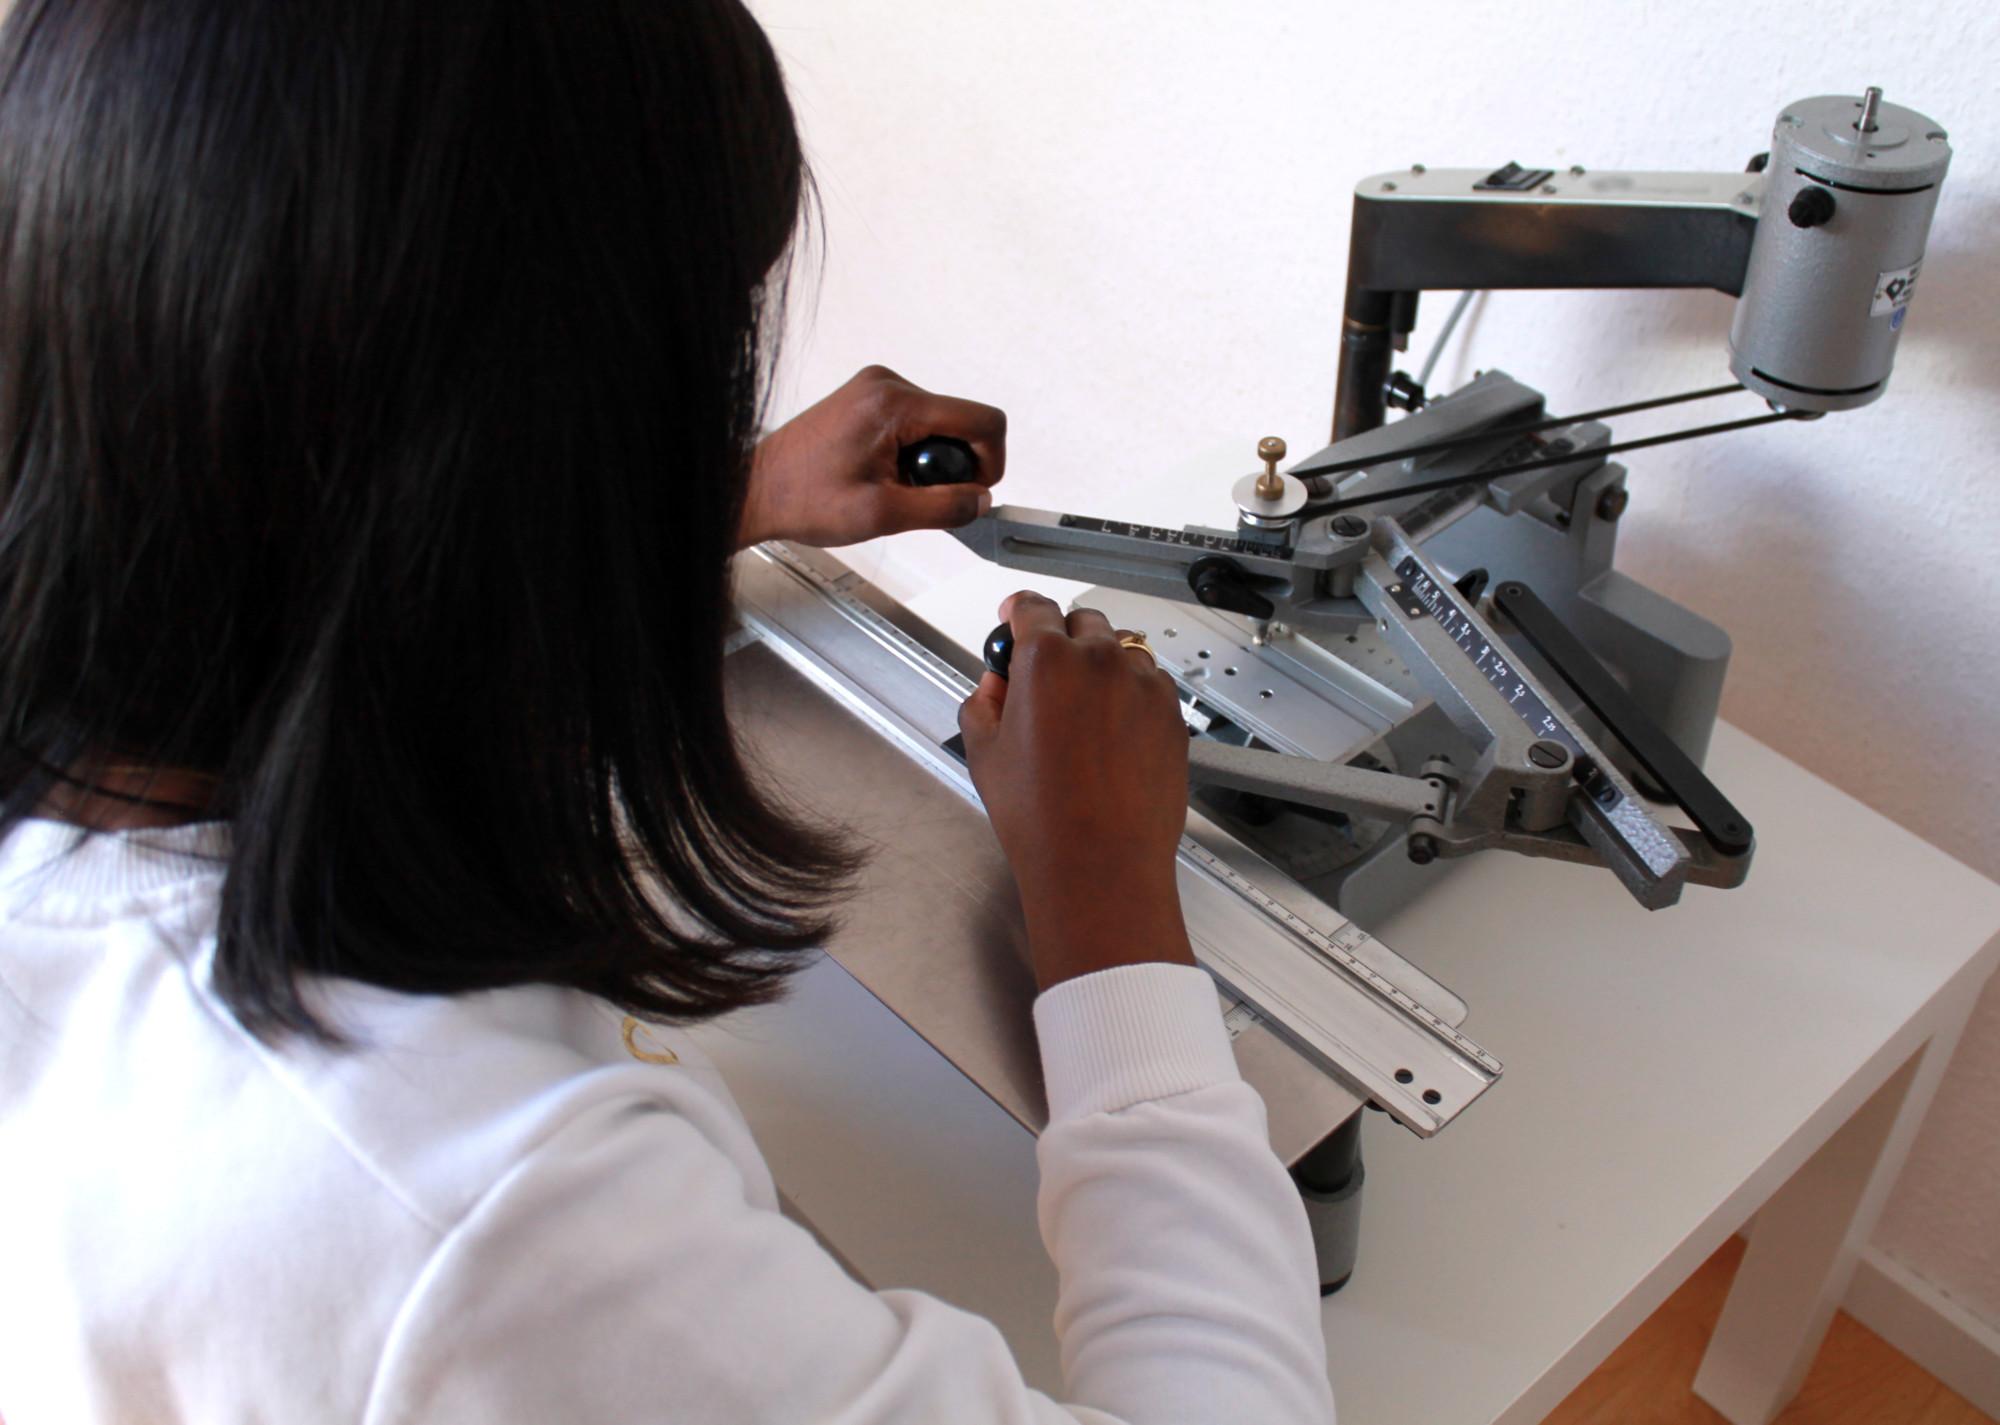 Anusiya graviert in ihrem Startup selber ihren Schmuck. Wir schauen über ihre Schulter.